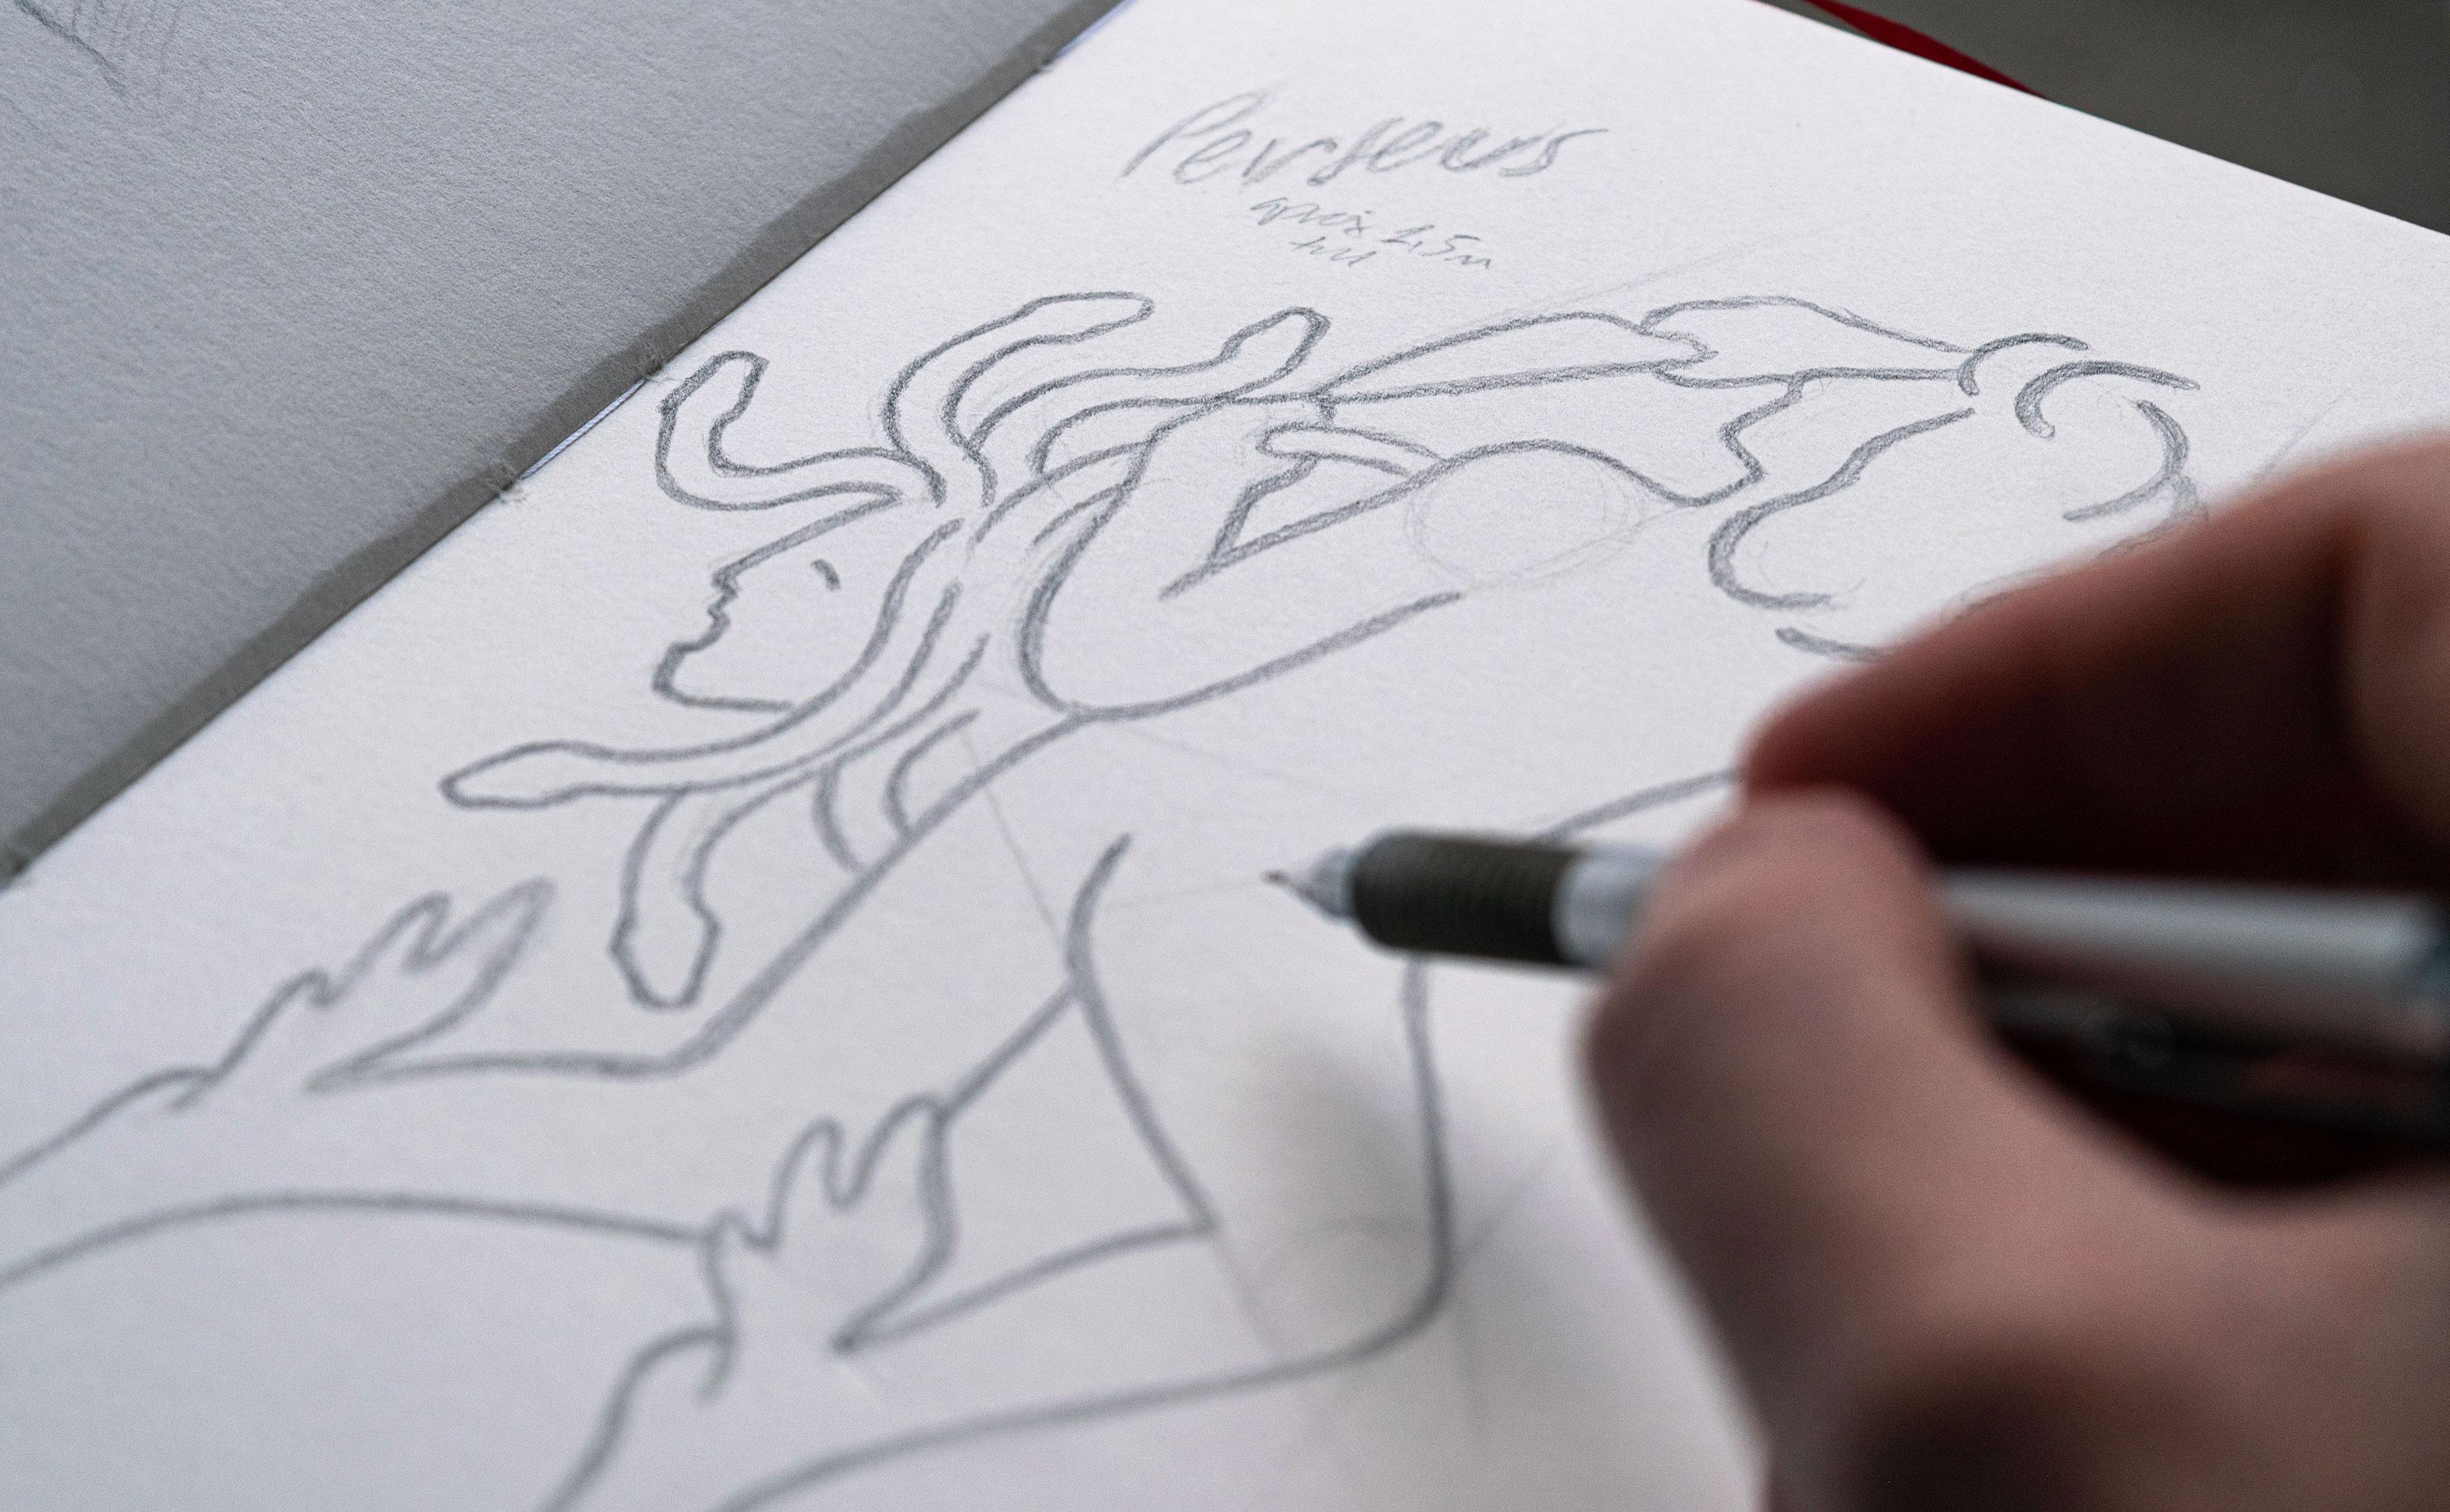 ALF_Sketch_2B